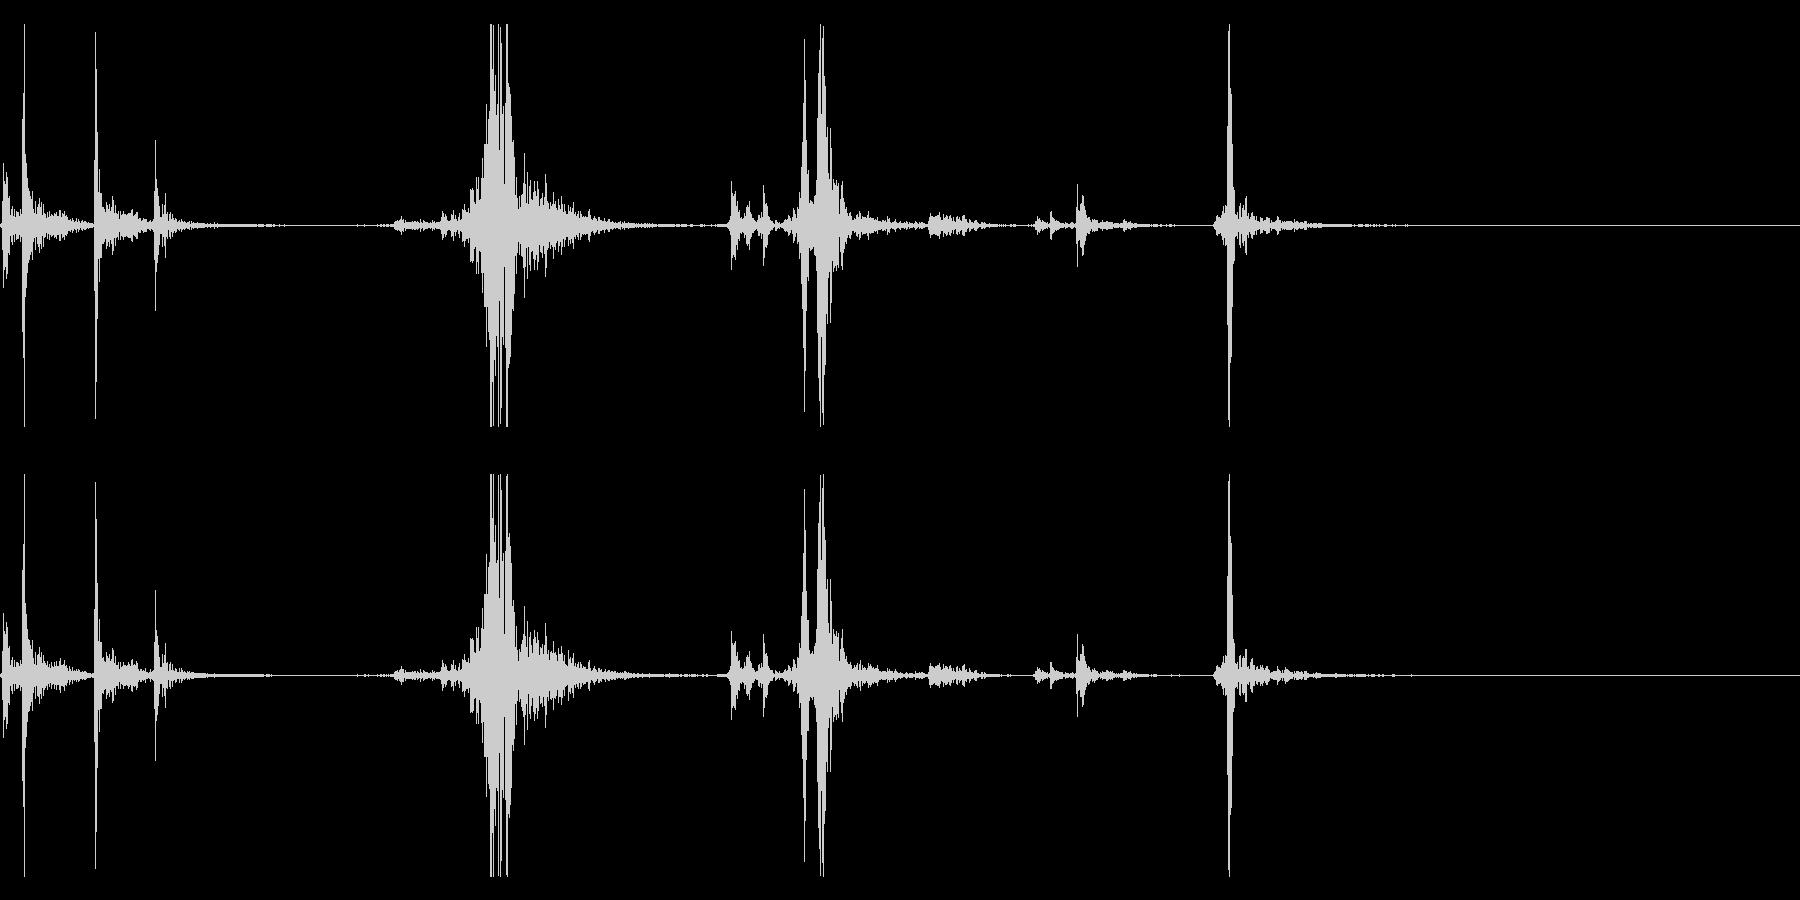 【生録音】タッパー・弁当箱を閉める音 4の未再生の波形